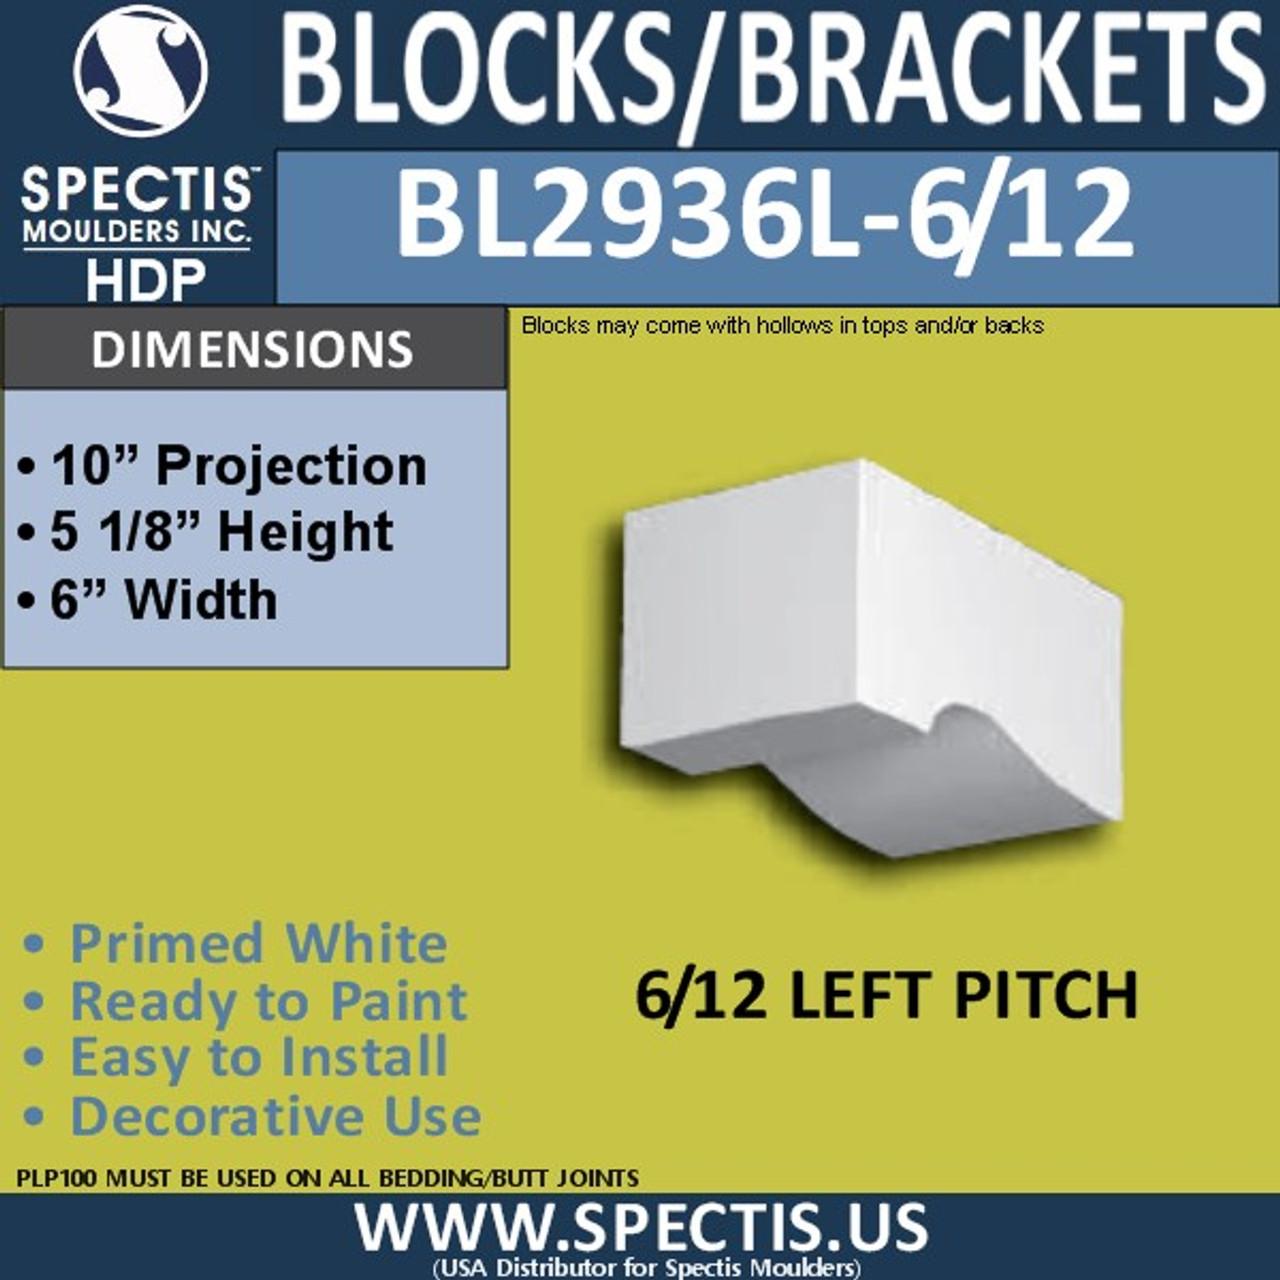 """BL2936L-6/12 Pitch Eave Block or Bracket 6""""W x 5.2""""H x 10"""" P"""